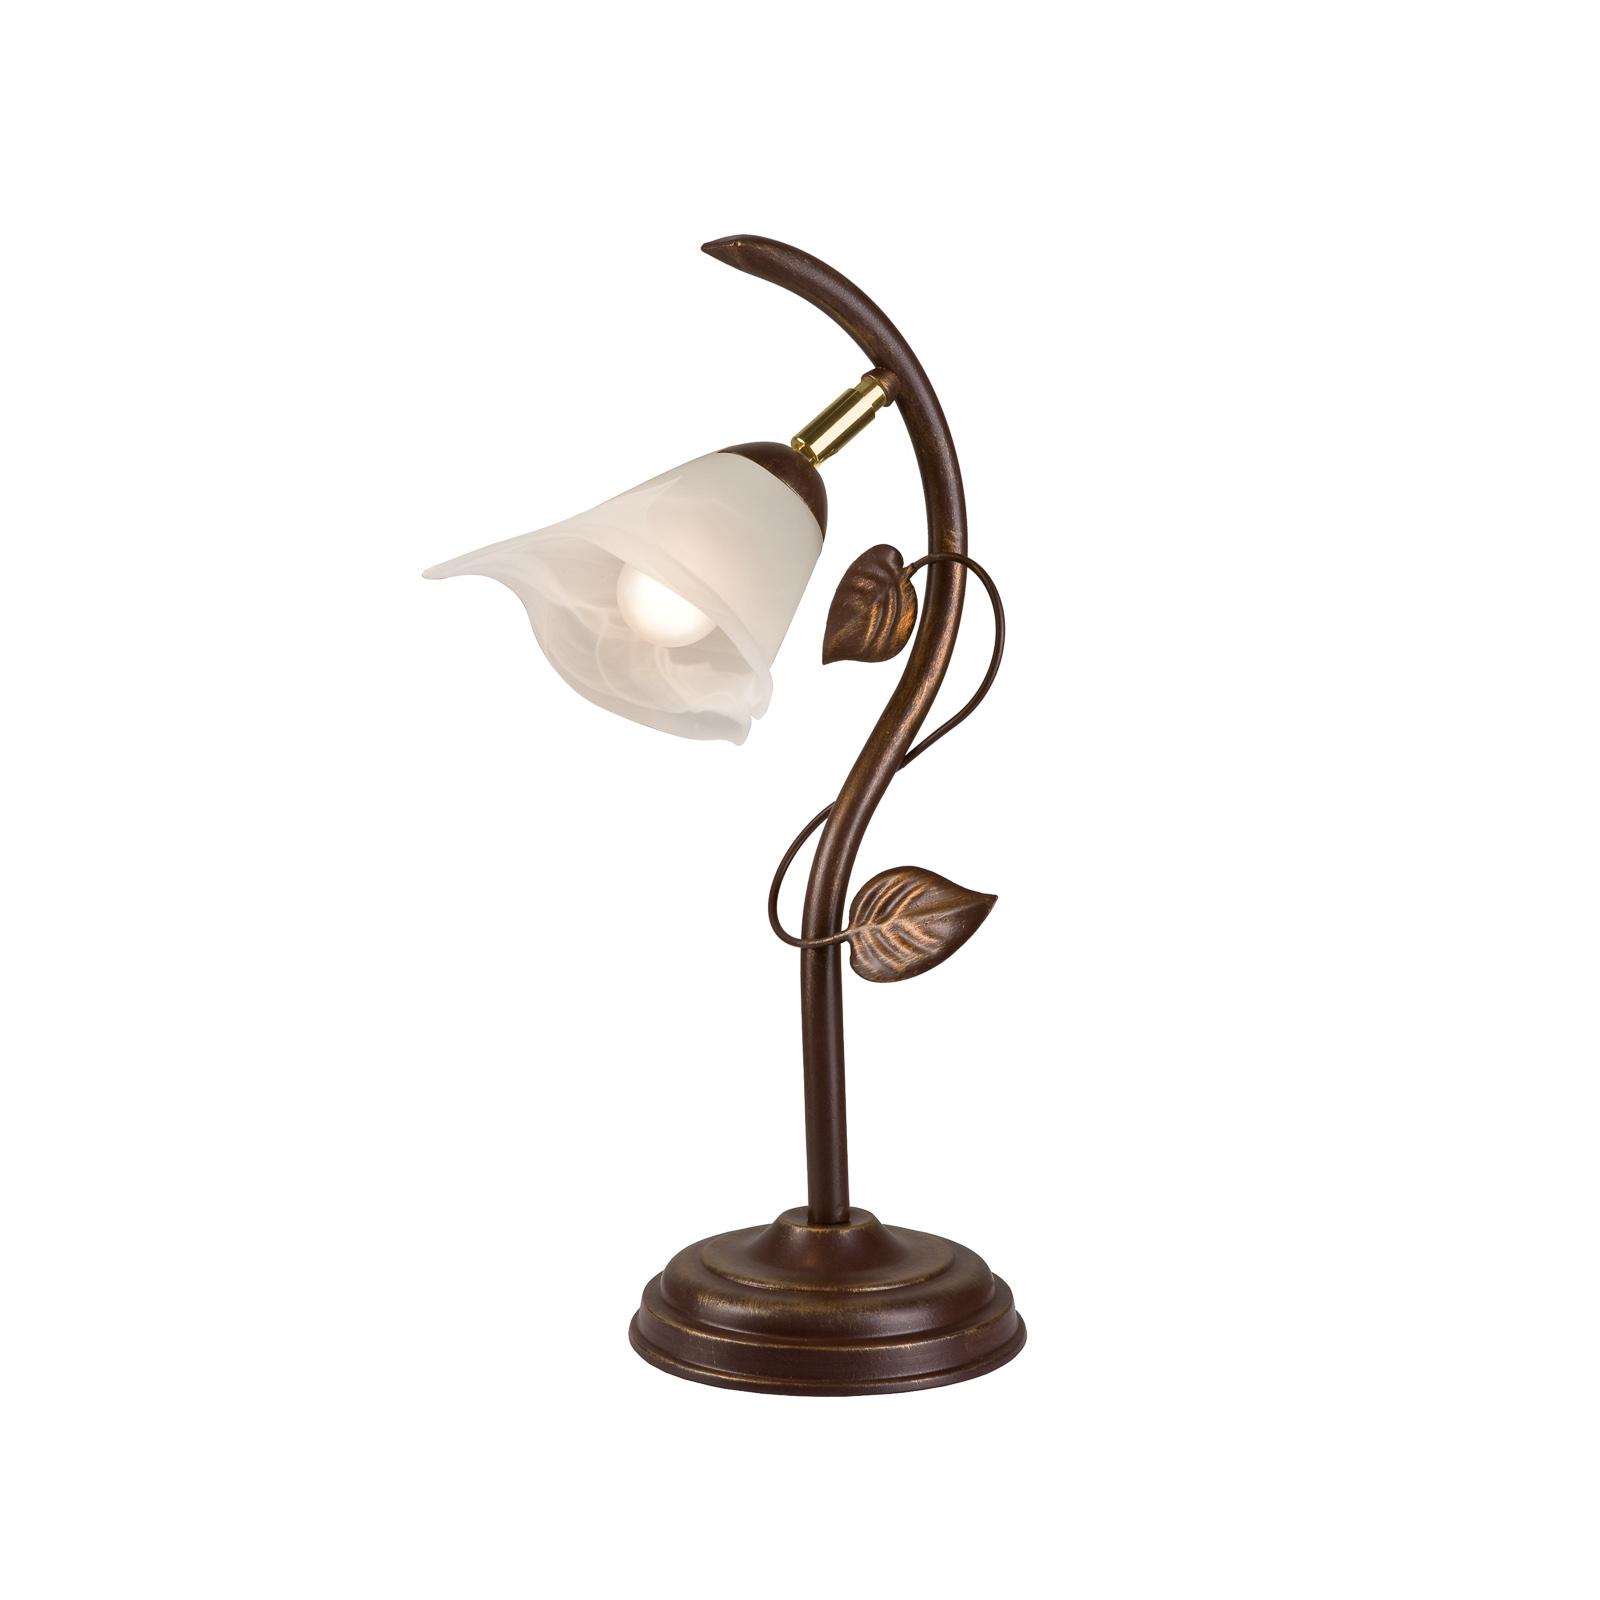 Bordlampe Siena, florentinstil, høyde 40 cm